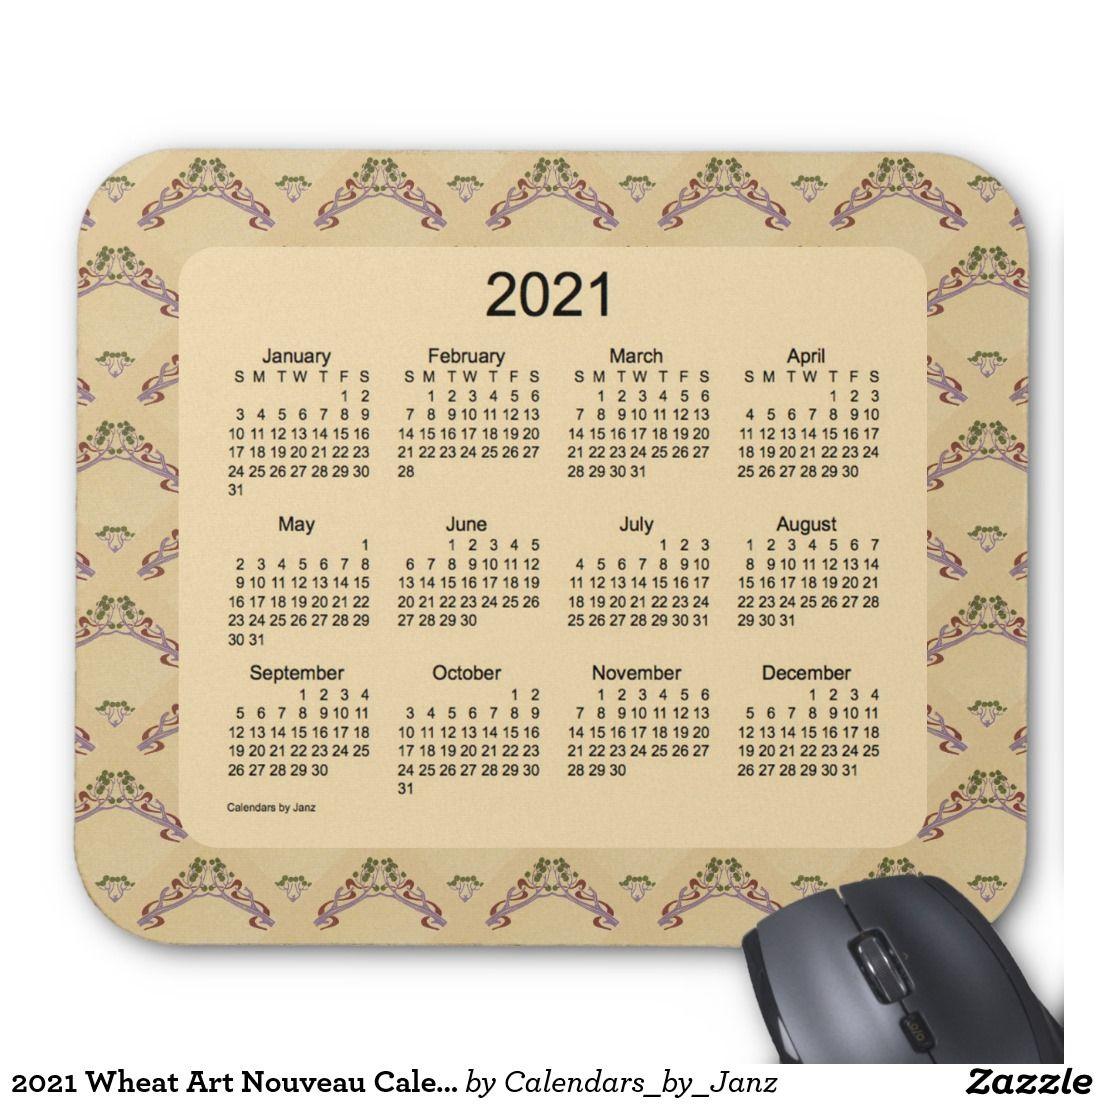 2021 Wheat Art Nouveau Calendar by Janz Mouse Pad